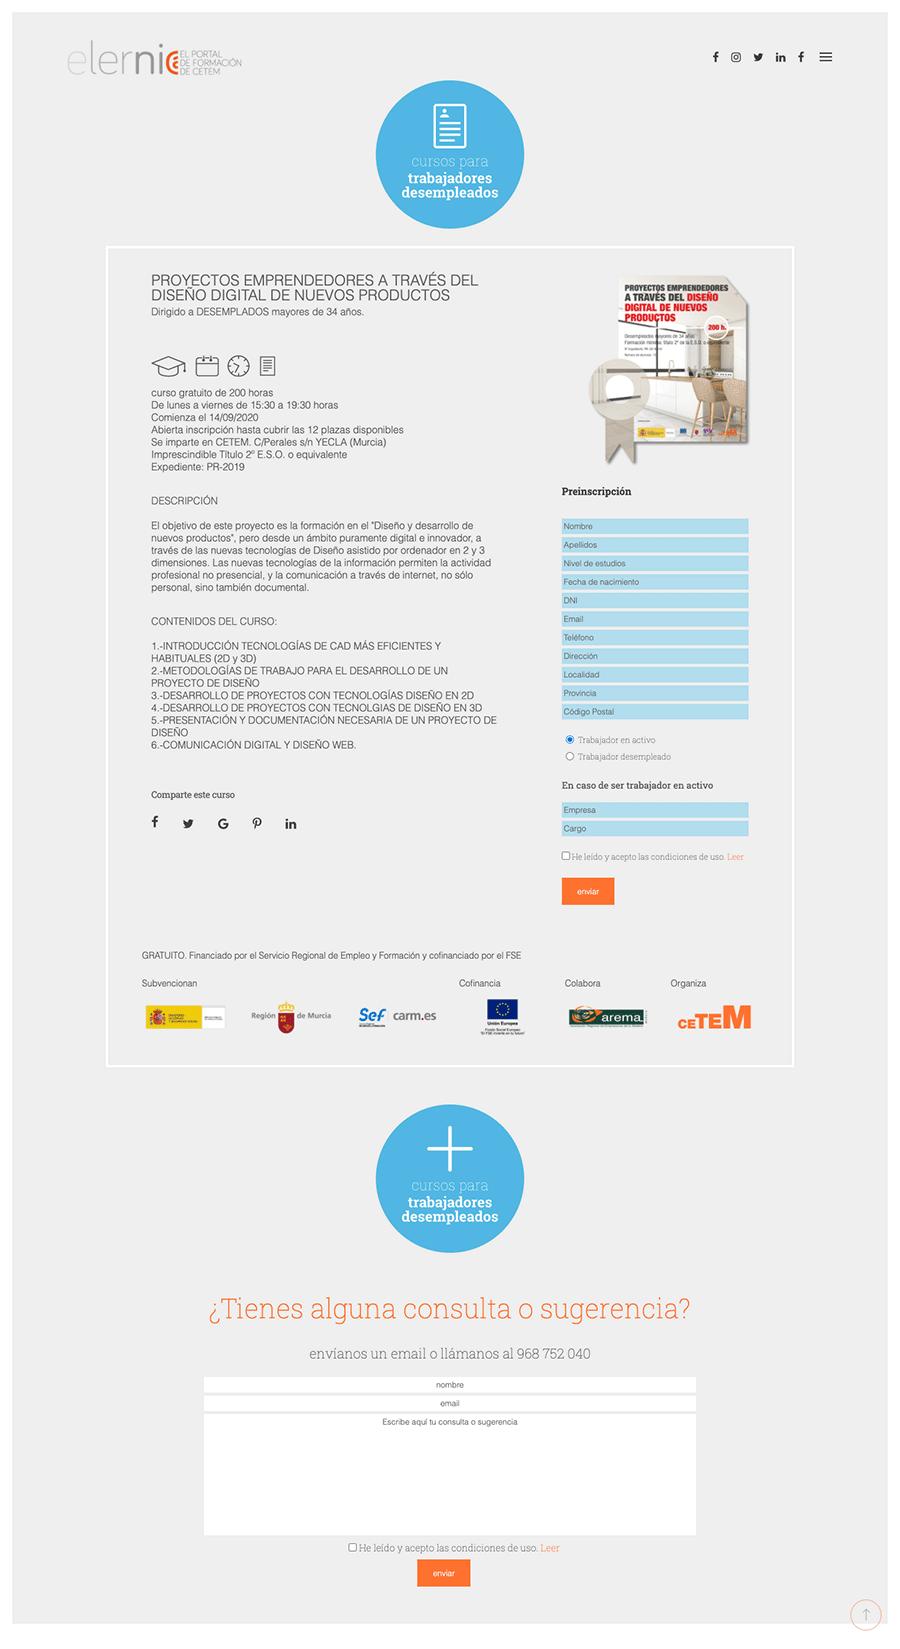 Página curso para desempleados web elernia